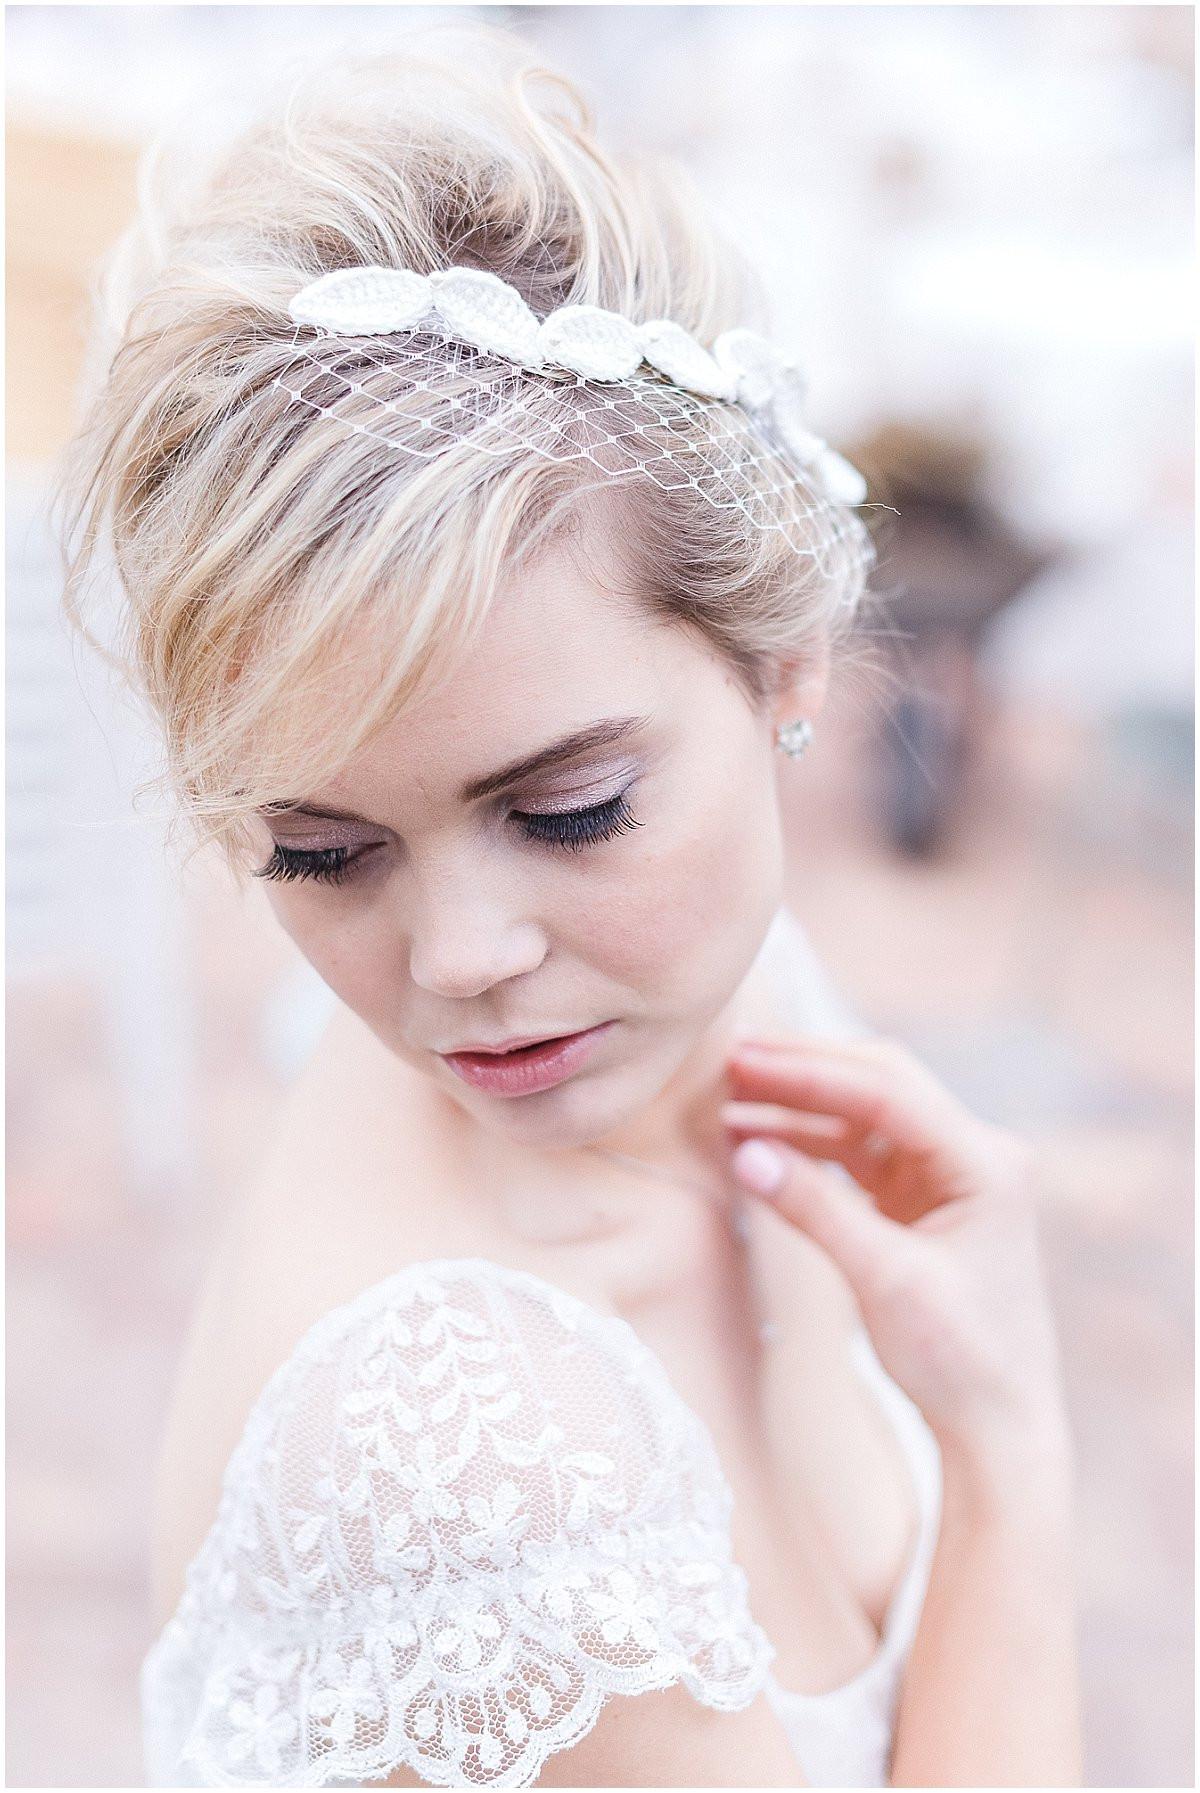 Schleier Hochzeit  Die große Frage Schleier oder kein Headpiece zur Hochzeit